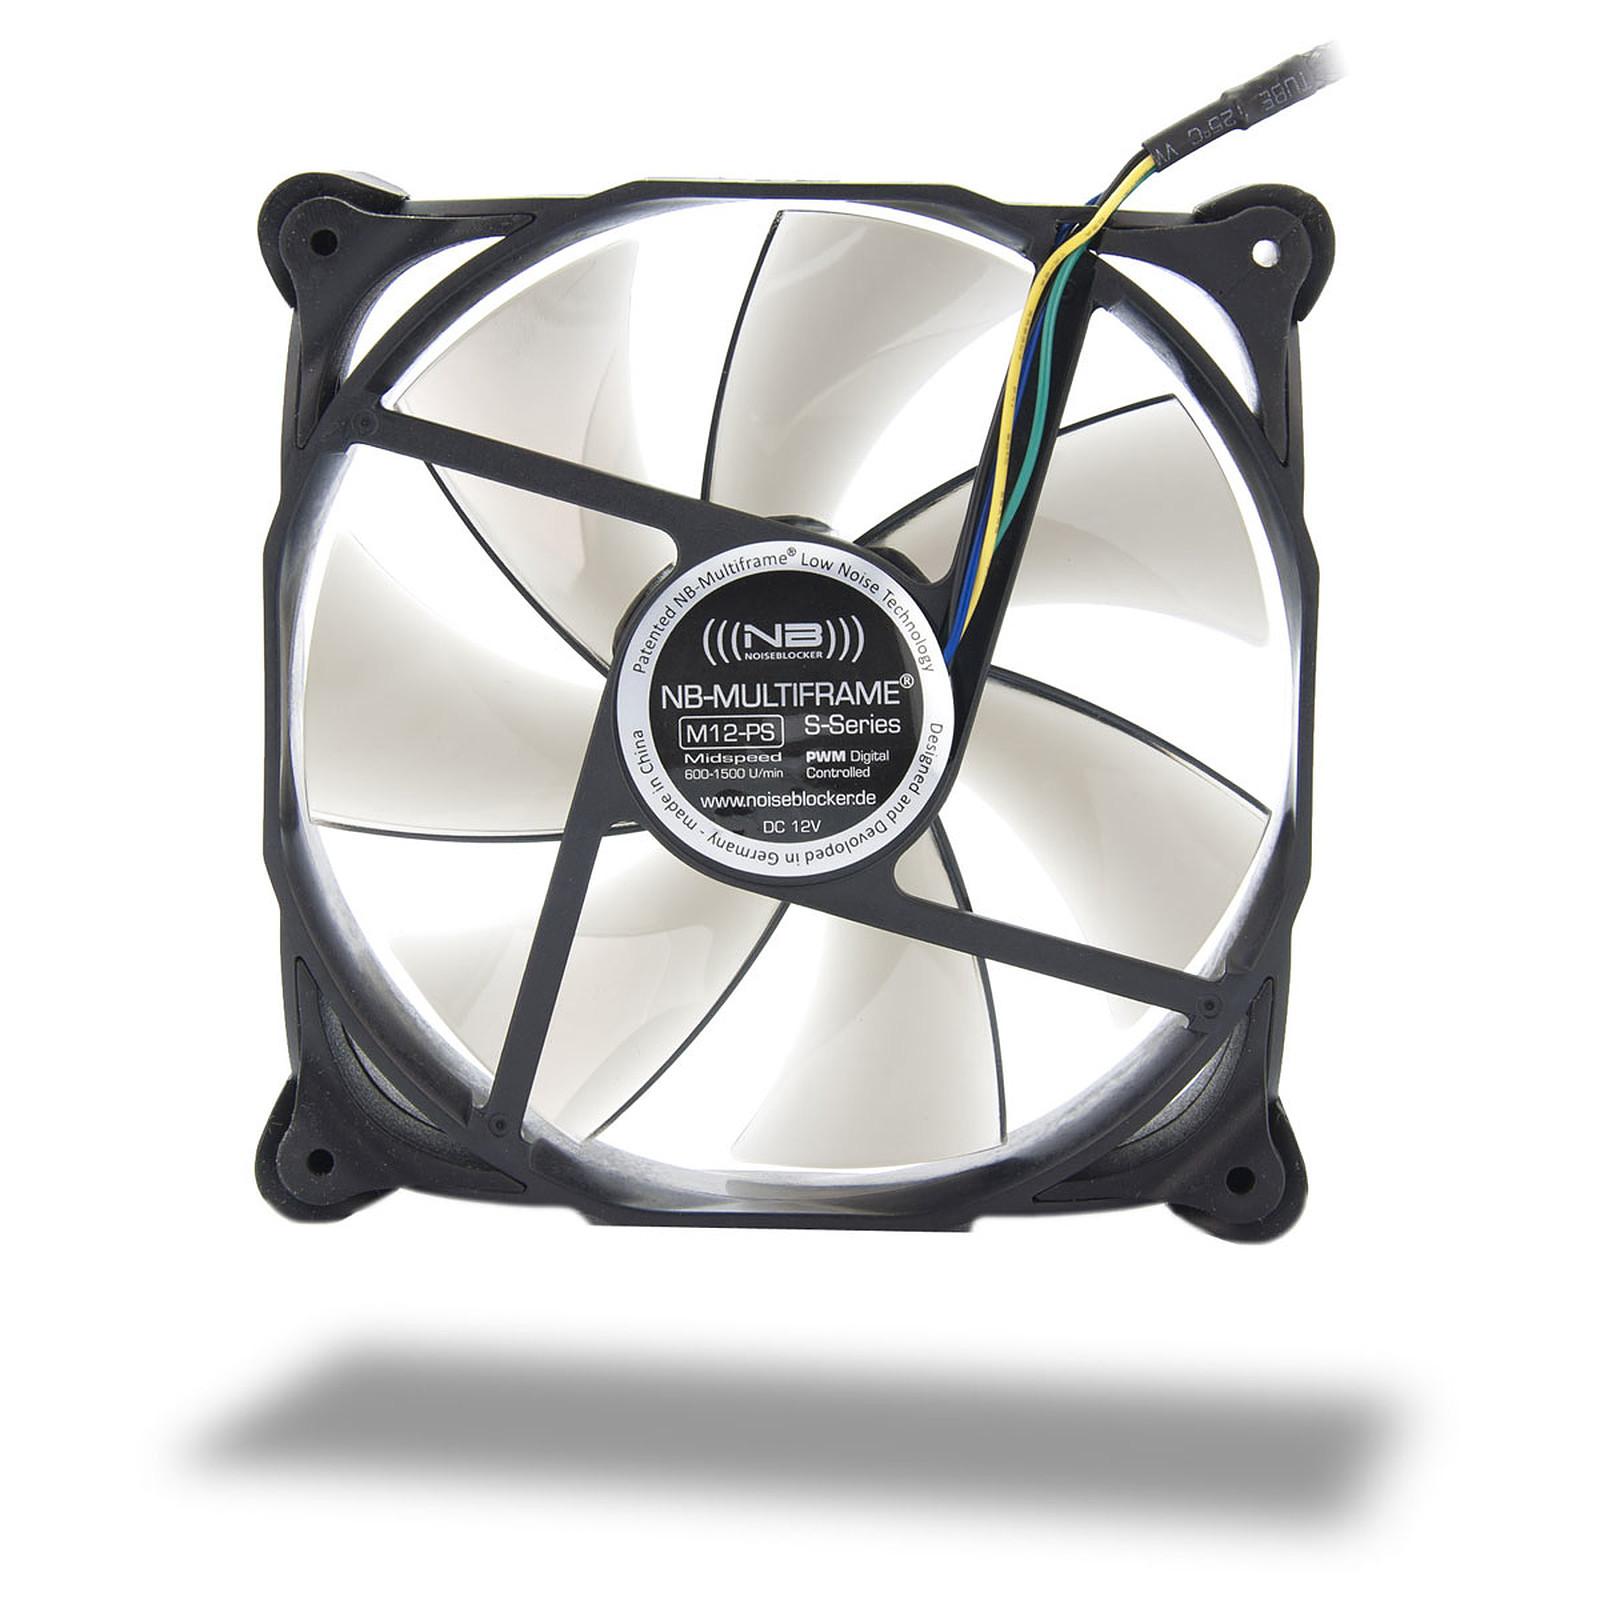 Noiseblocker Multiframe M12-PS 120mm PWM